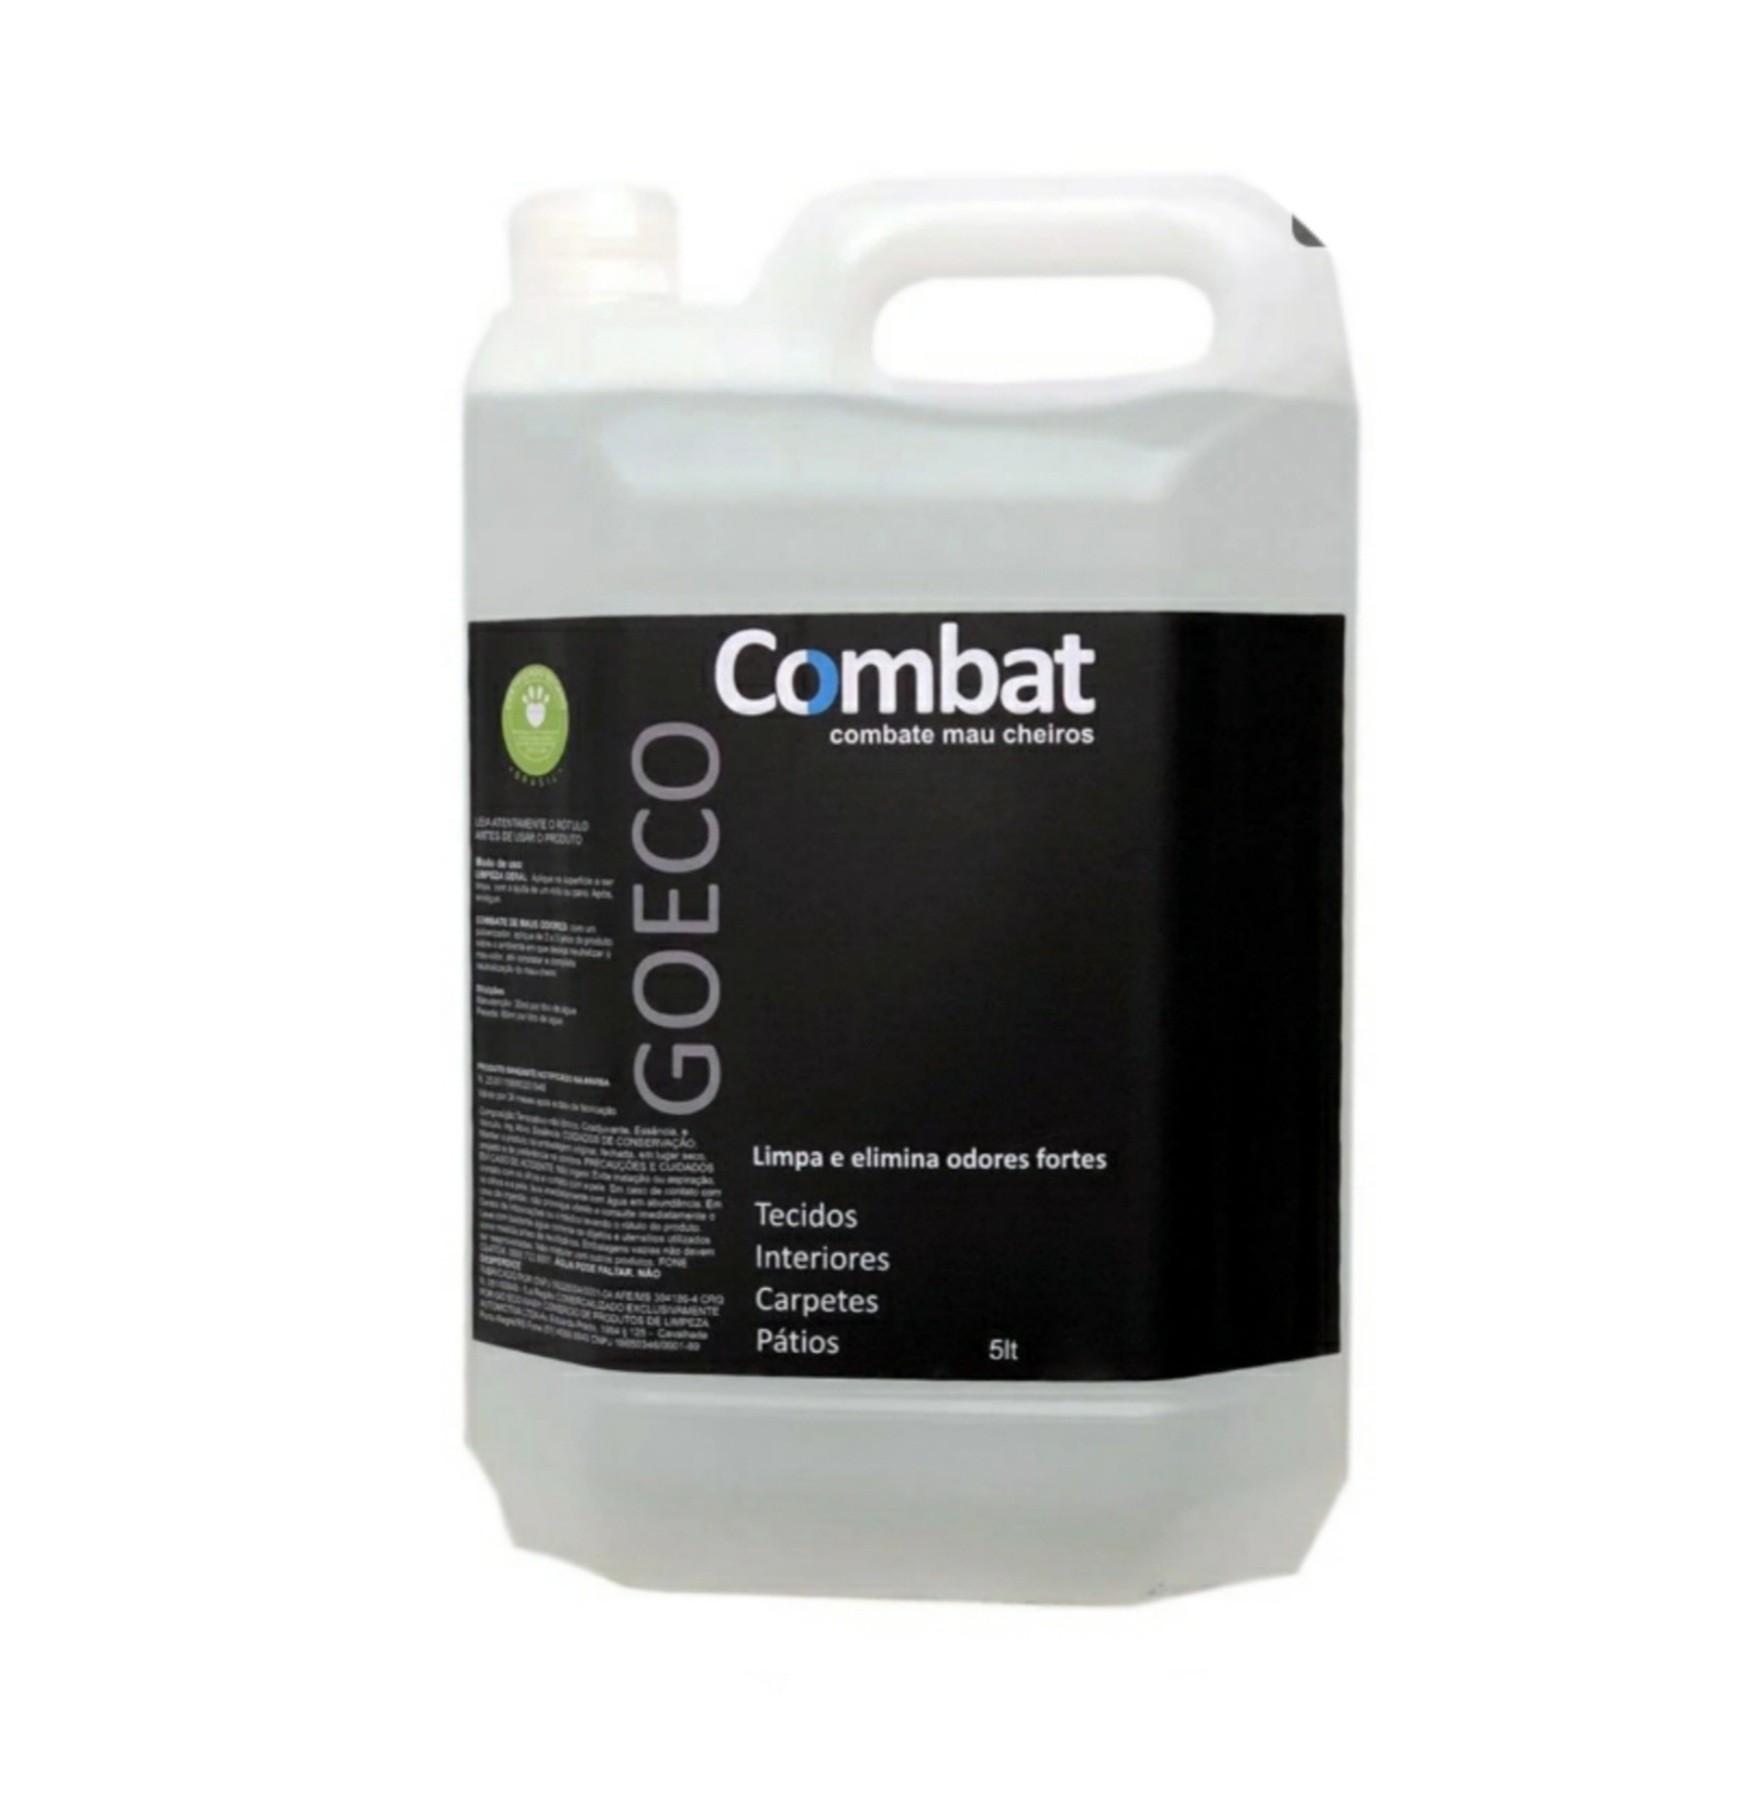 COMBAT - Eliminador de Odores Fortes 5LT